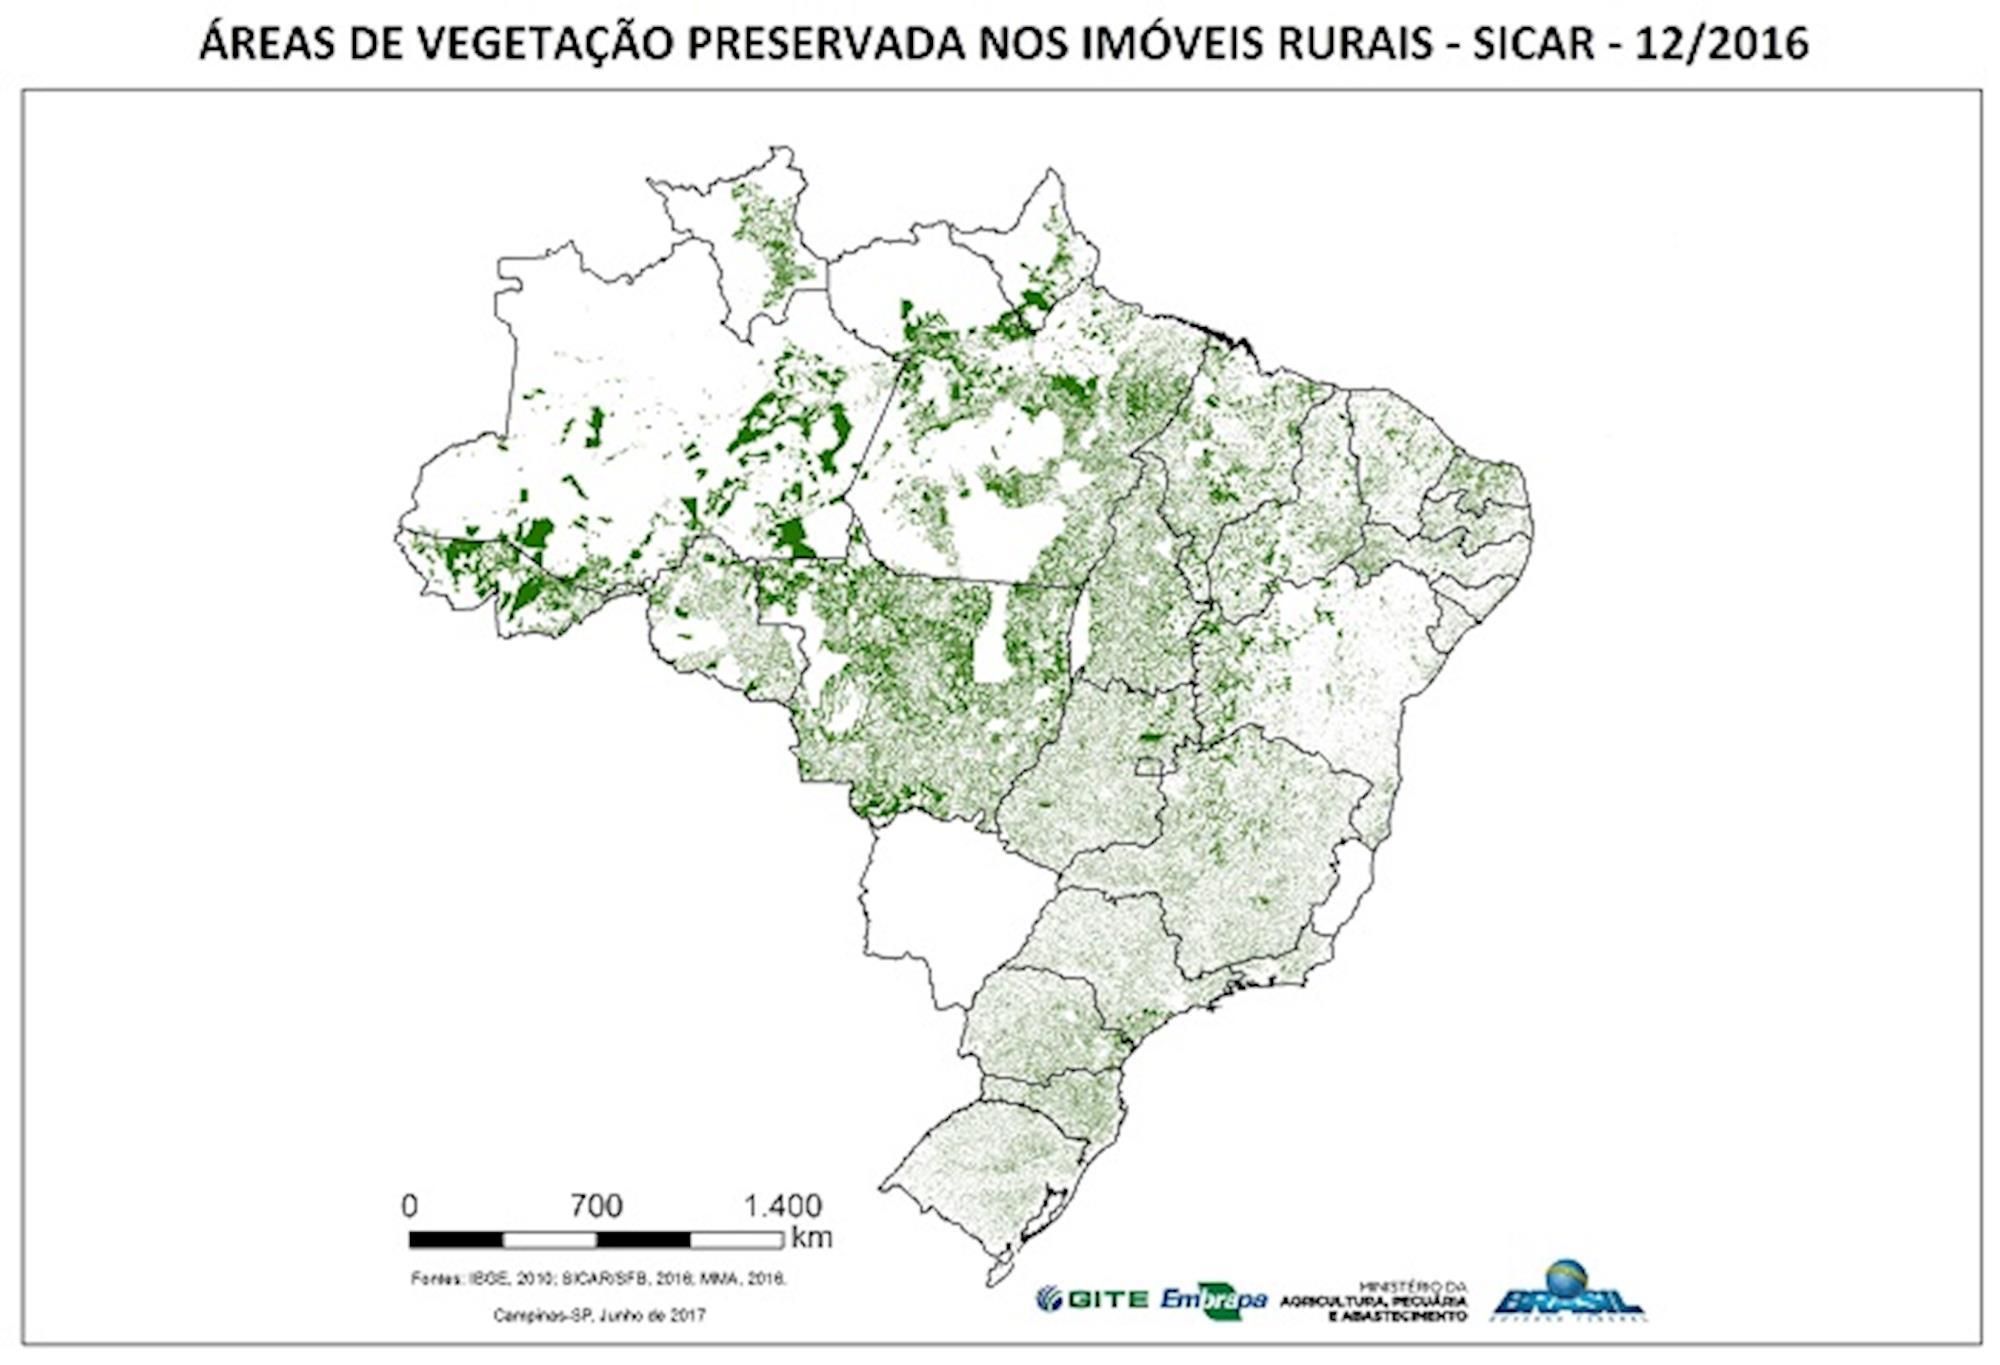 2017, releases empresas, fotos atualizadas , Divulgação